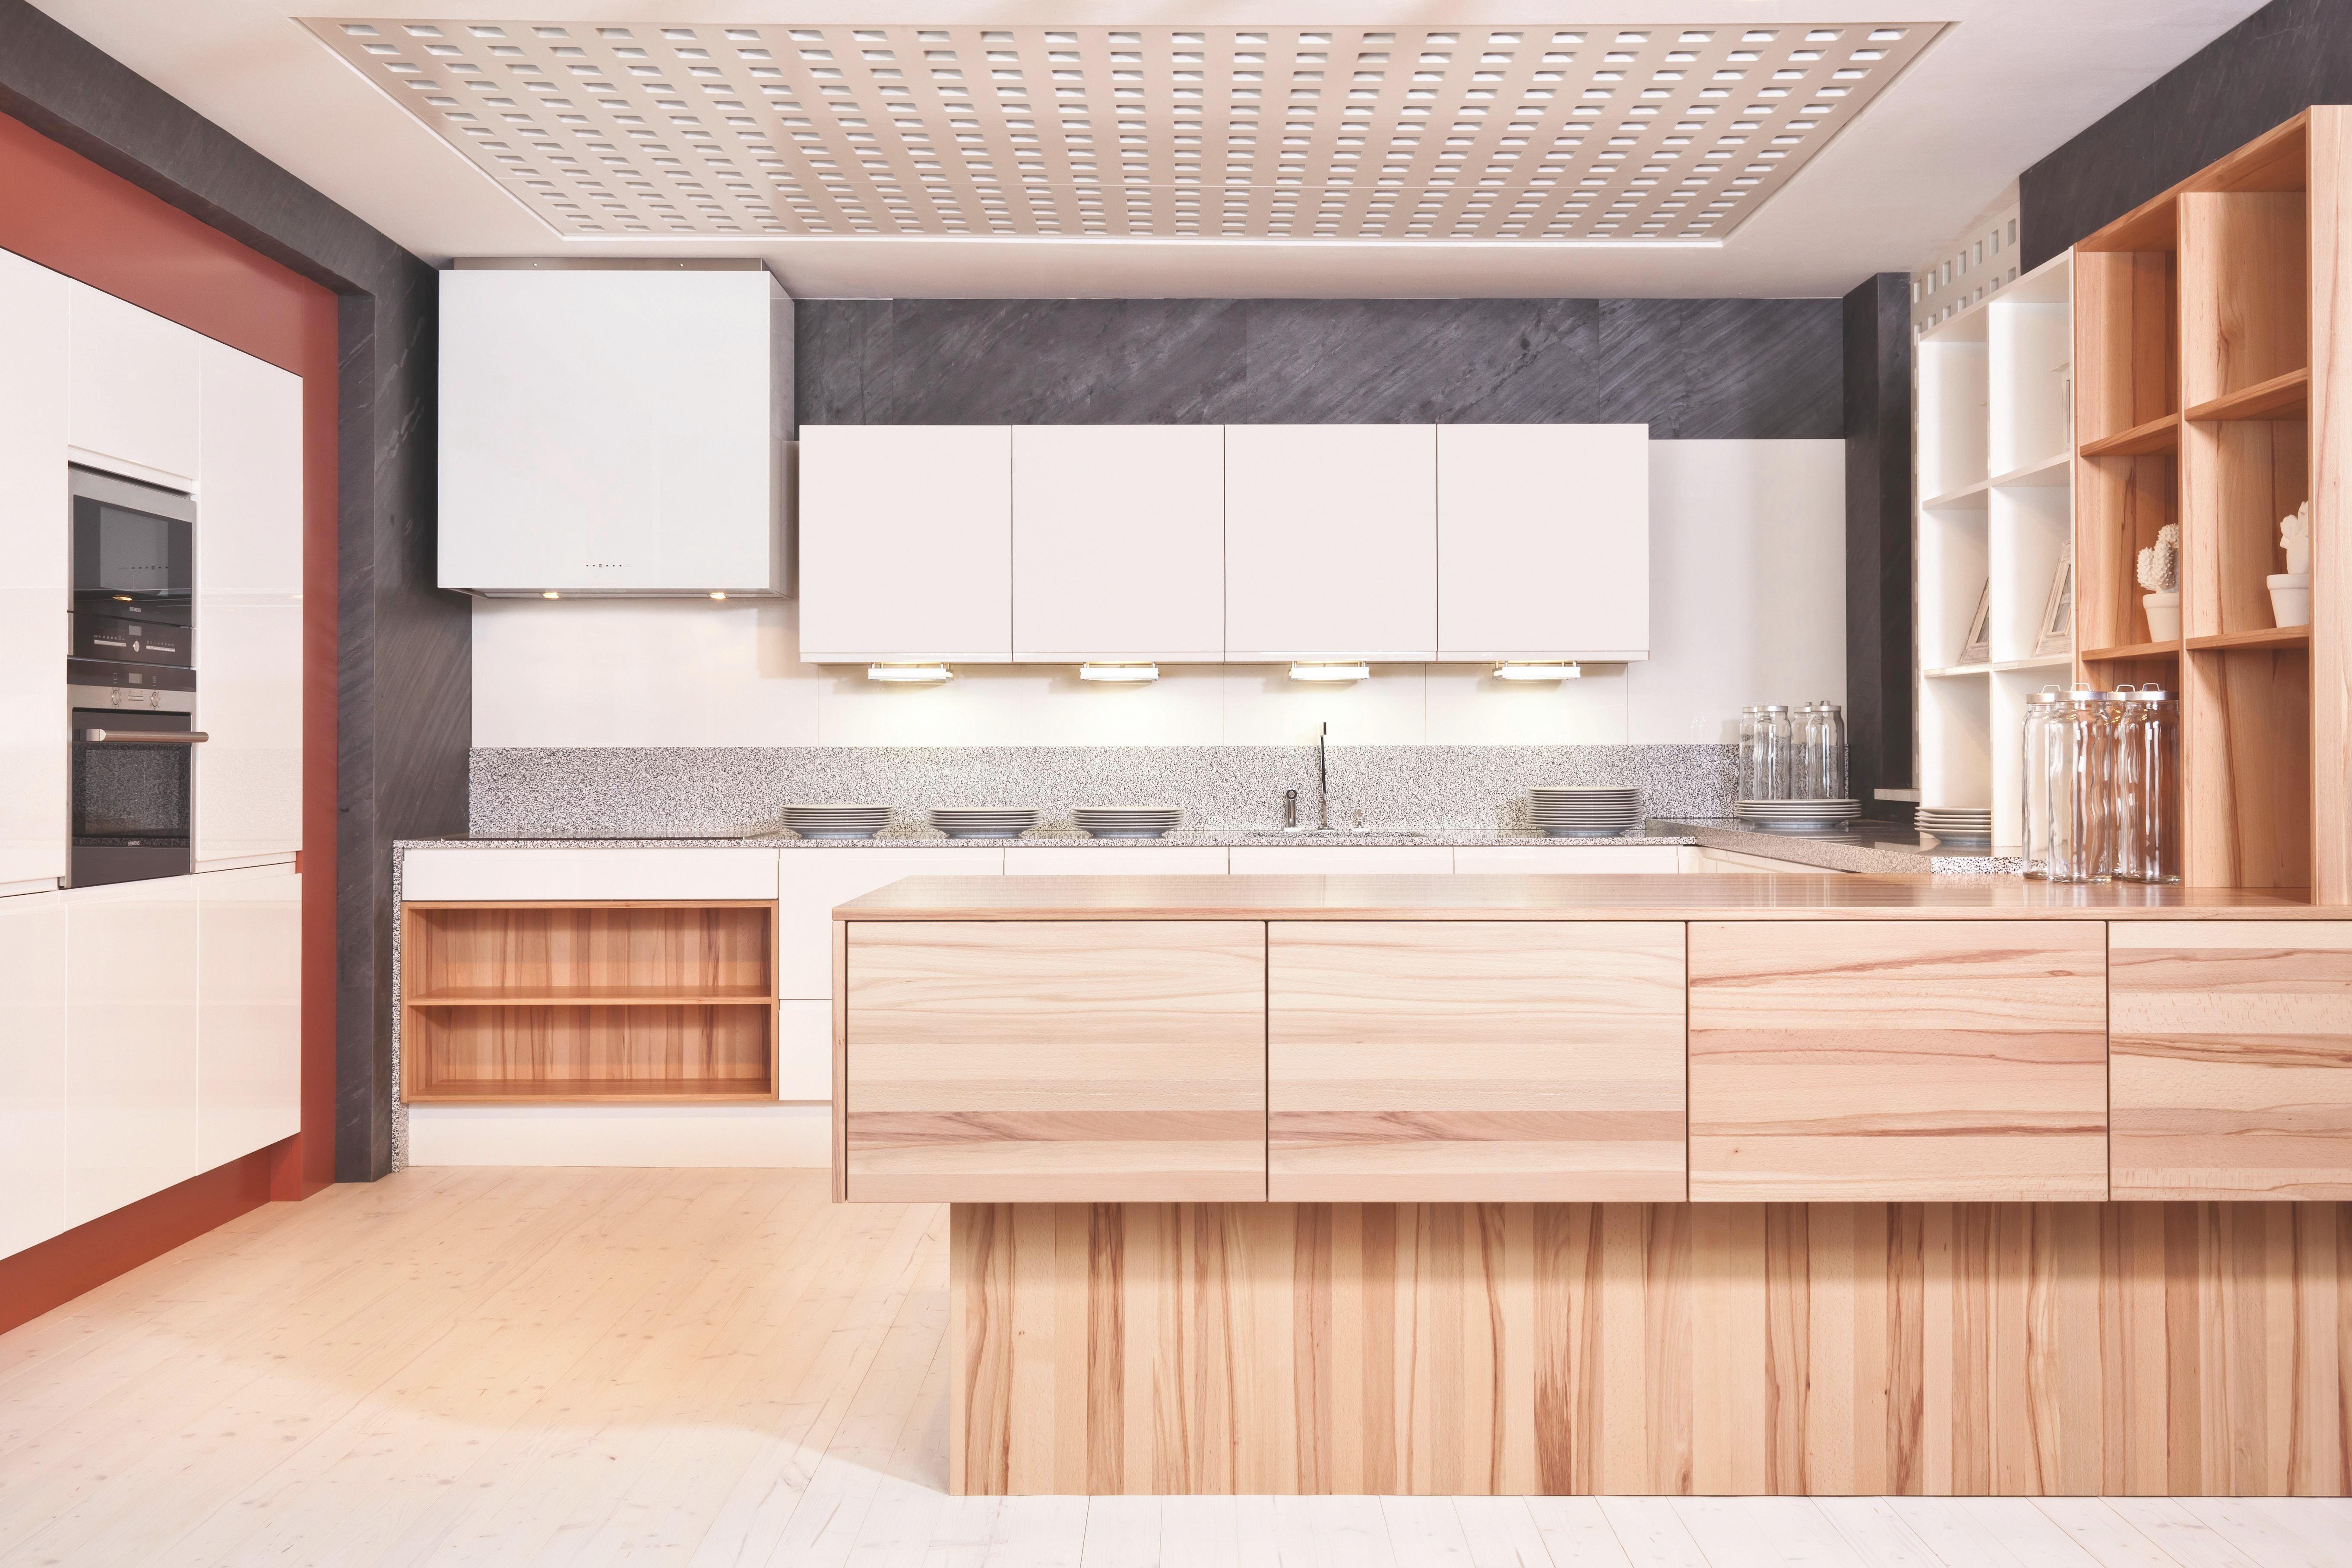 Einbaukuche Einbaukche Von Opti Wohnwelt With Einbaukuche Finest